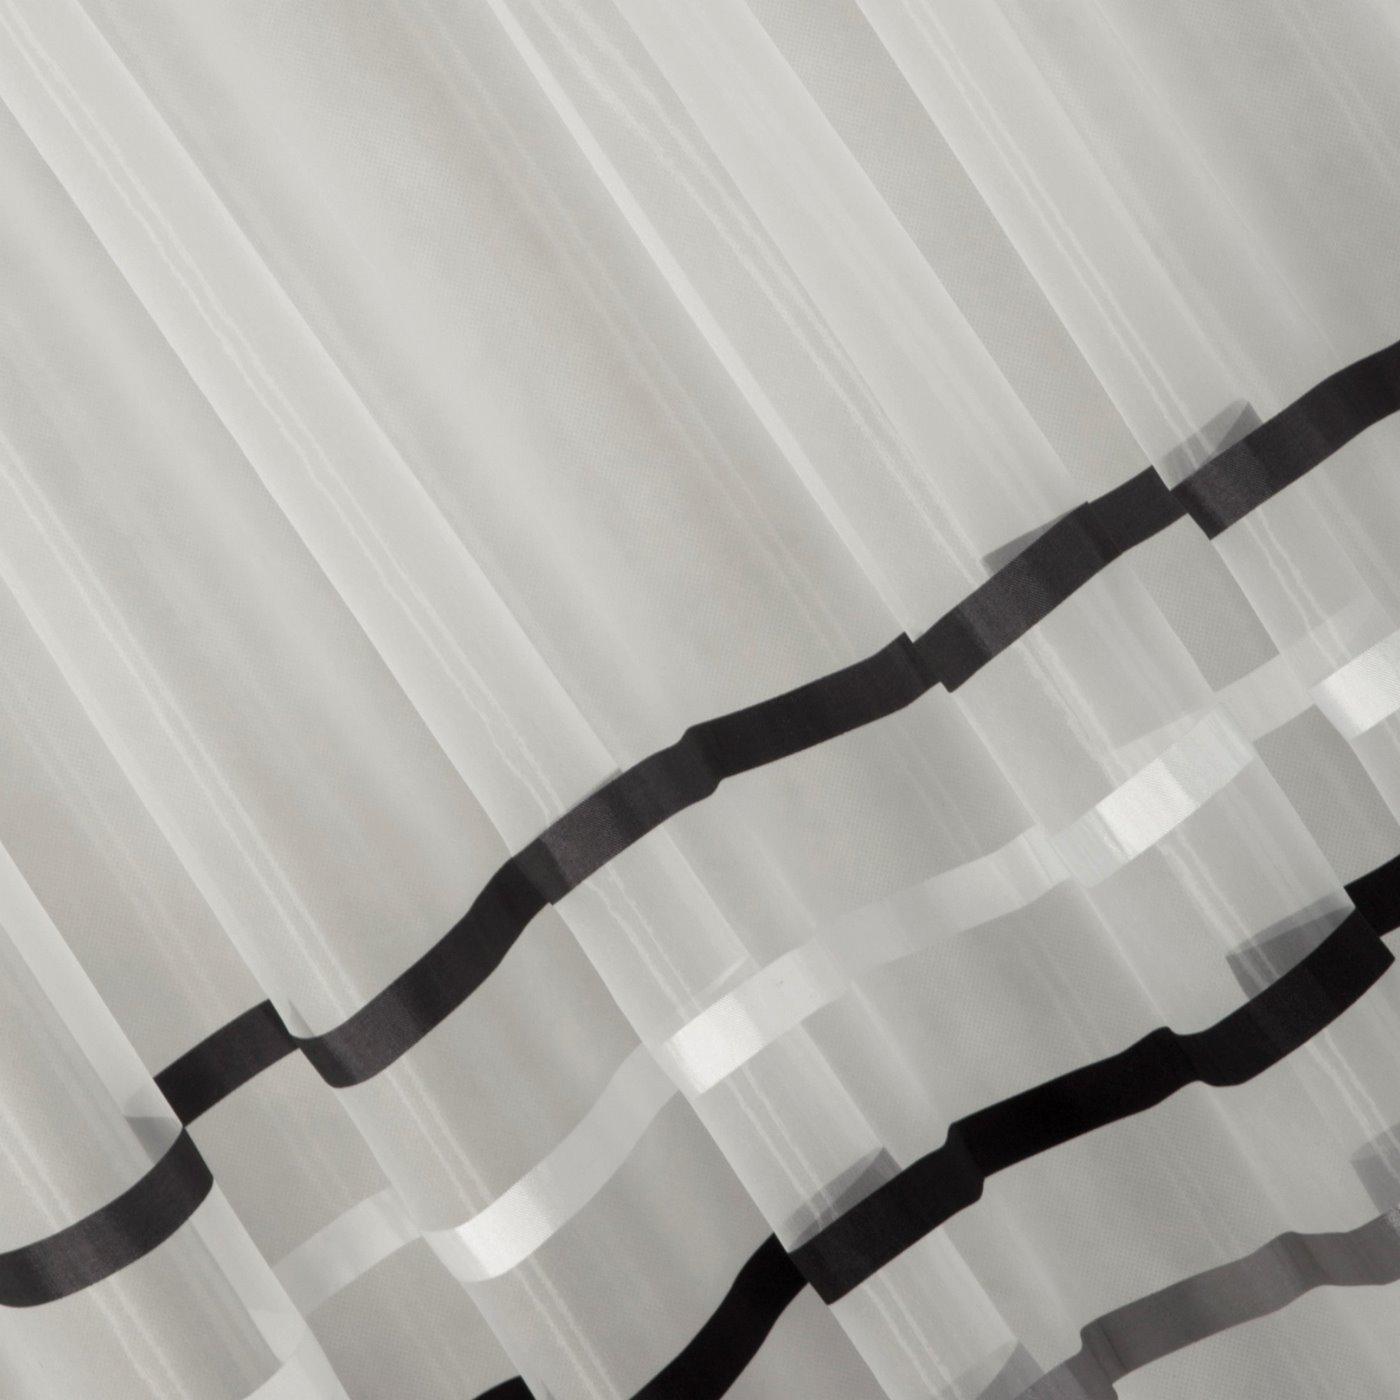 Zwiewna firanka paski grafitowe i kremowe 140x250 przelotki